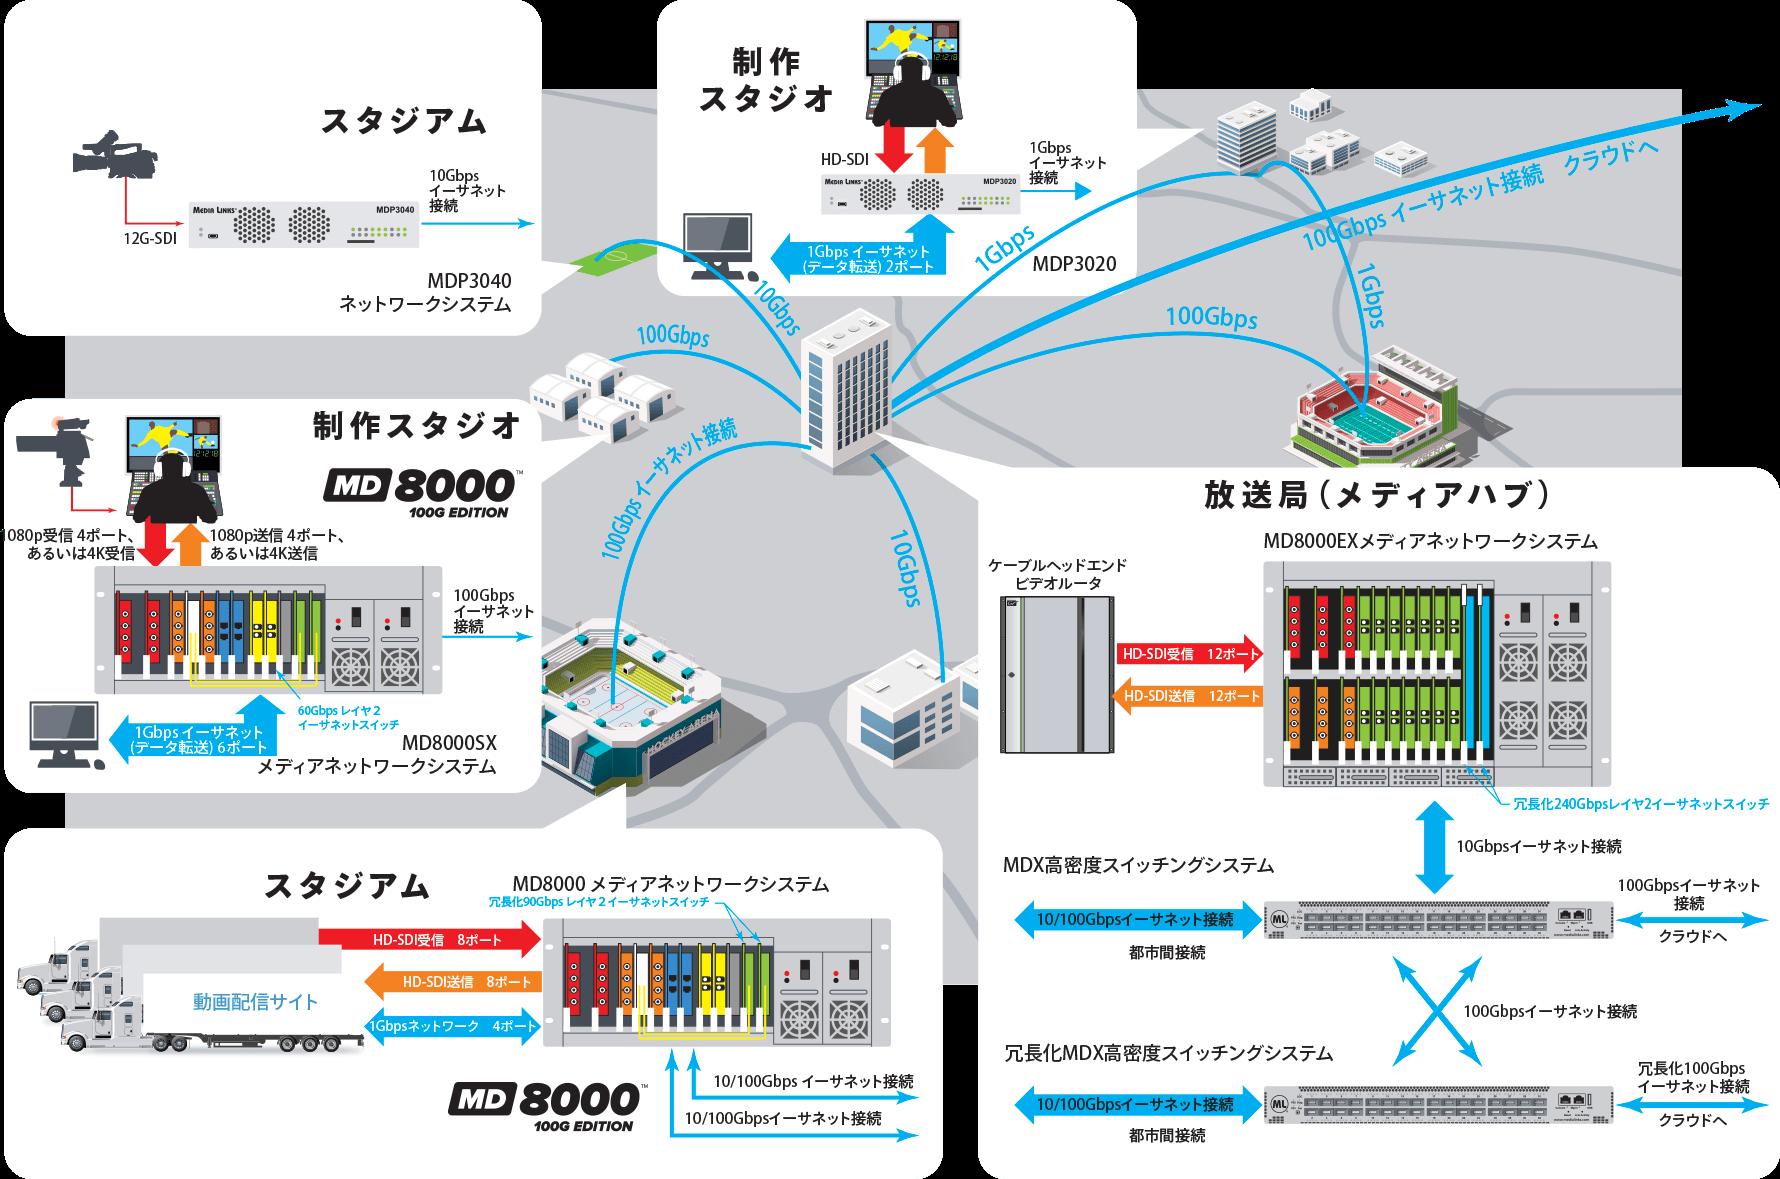 メトロポリタン配信ネットワーク